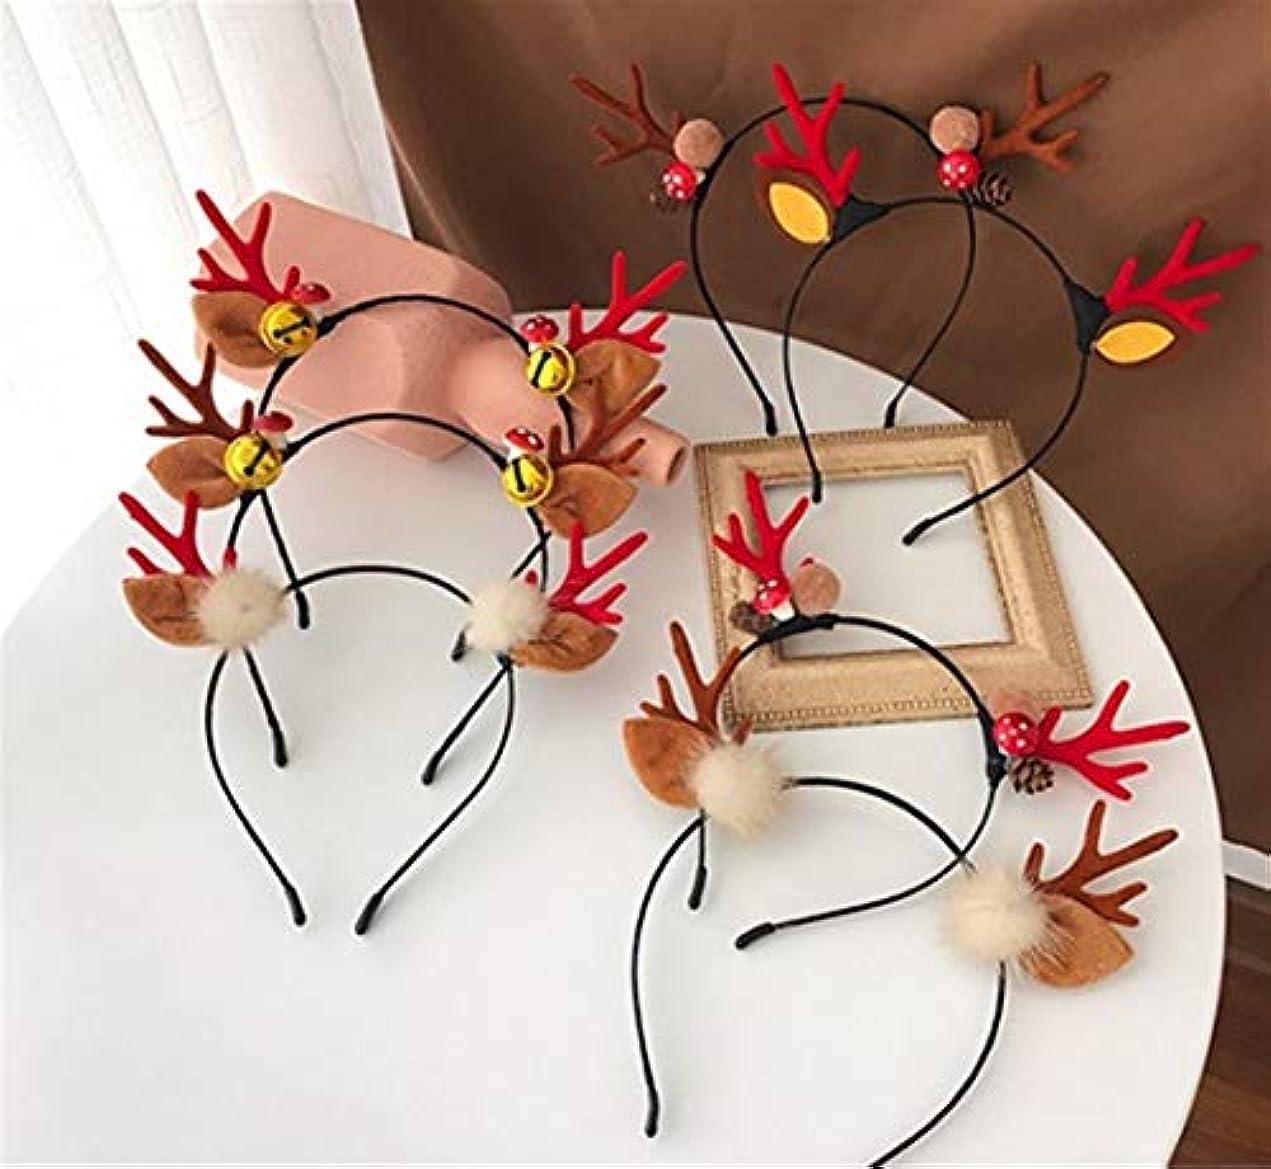 開梱たぶん一緒クリスマスヘッドバンド小さな枝角揺れヘッドバンドティアラ女性のヘアピン (Color : Red, Style : C)